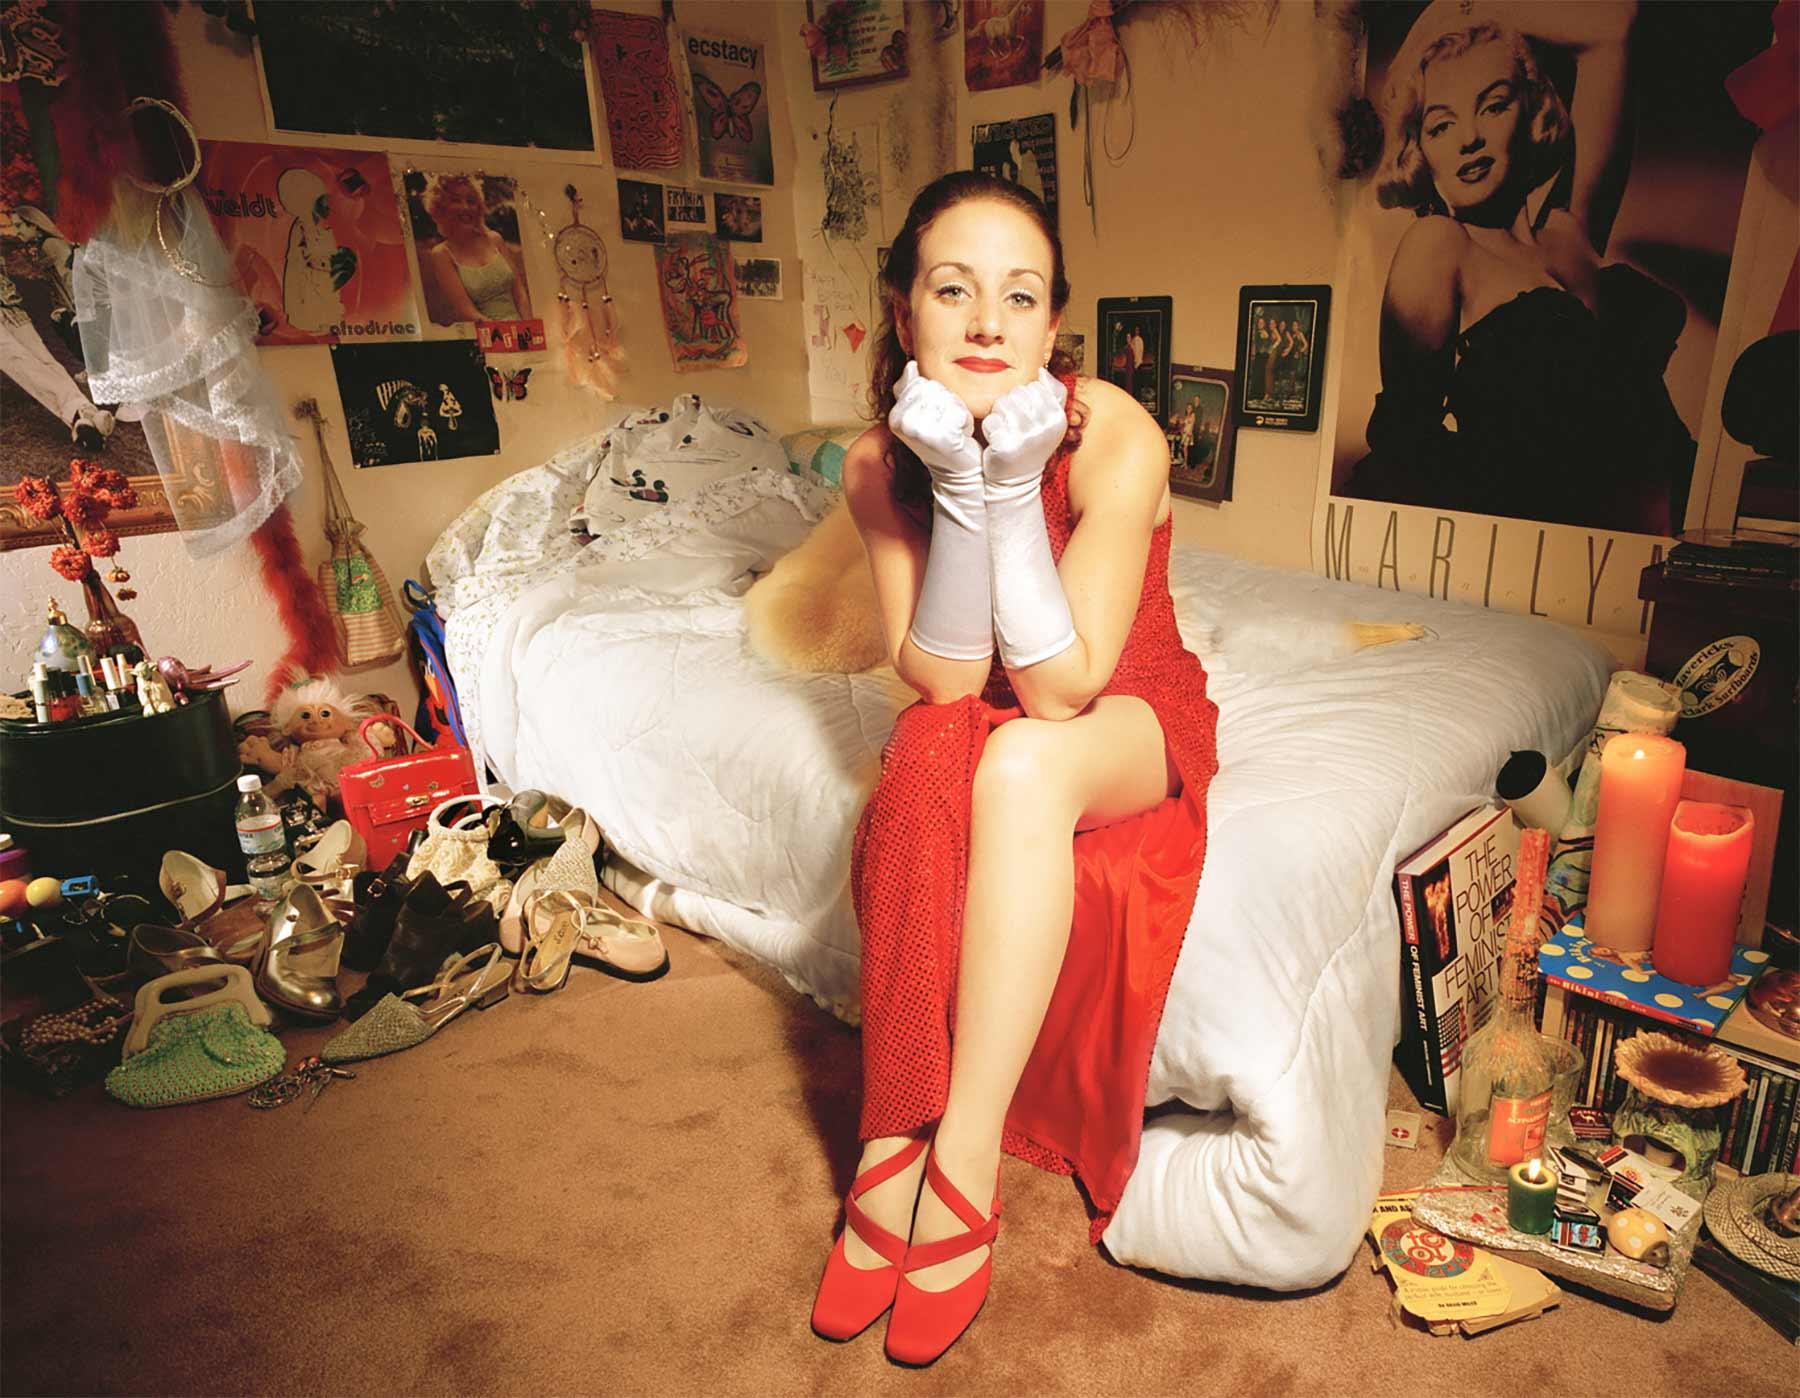 Vorstadtleute 20 Jahre später nochmals abgelichtet Beth-Yarnelle-Edwards-Suburban-Dreams_01